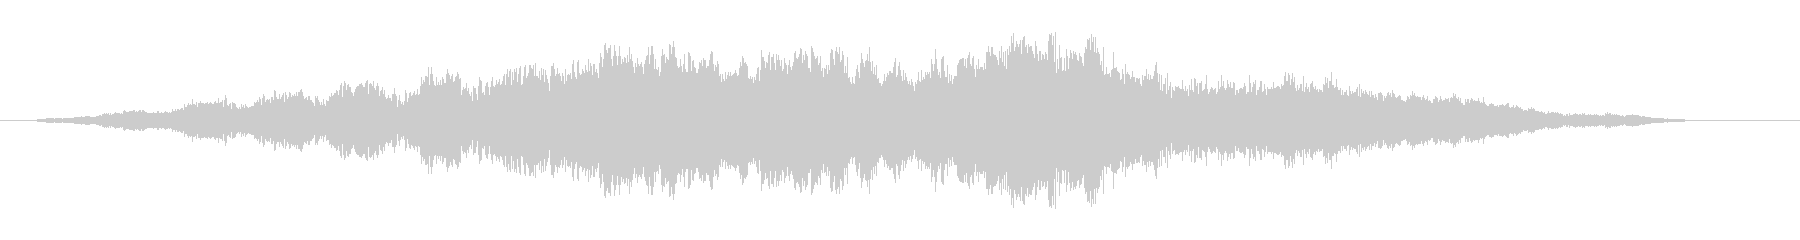 素材 フェージングドローンベル03の未再生の波形